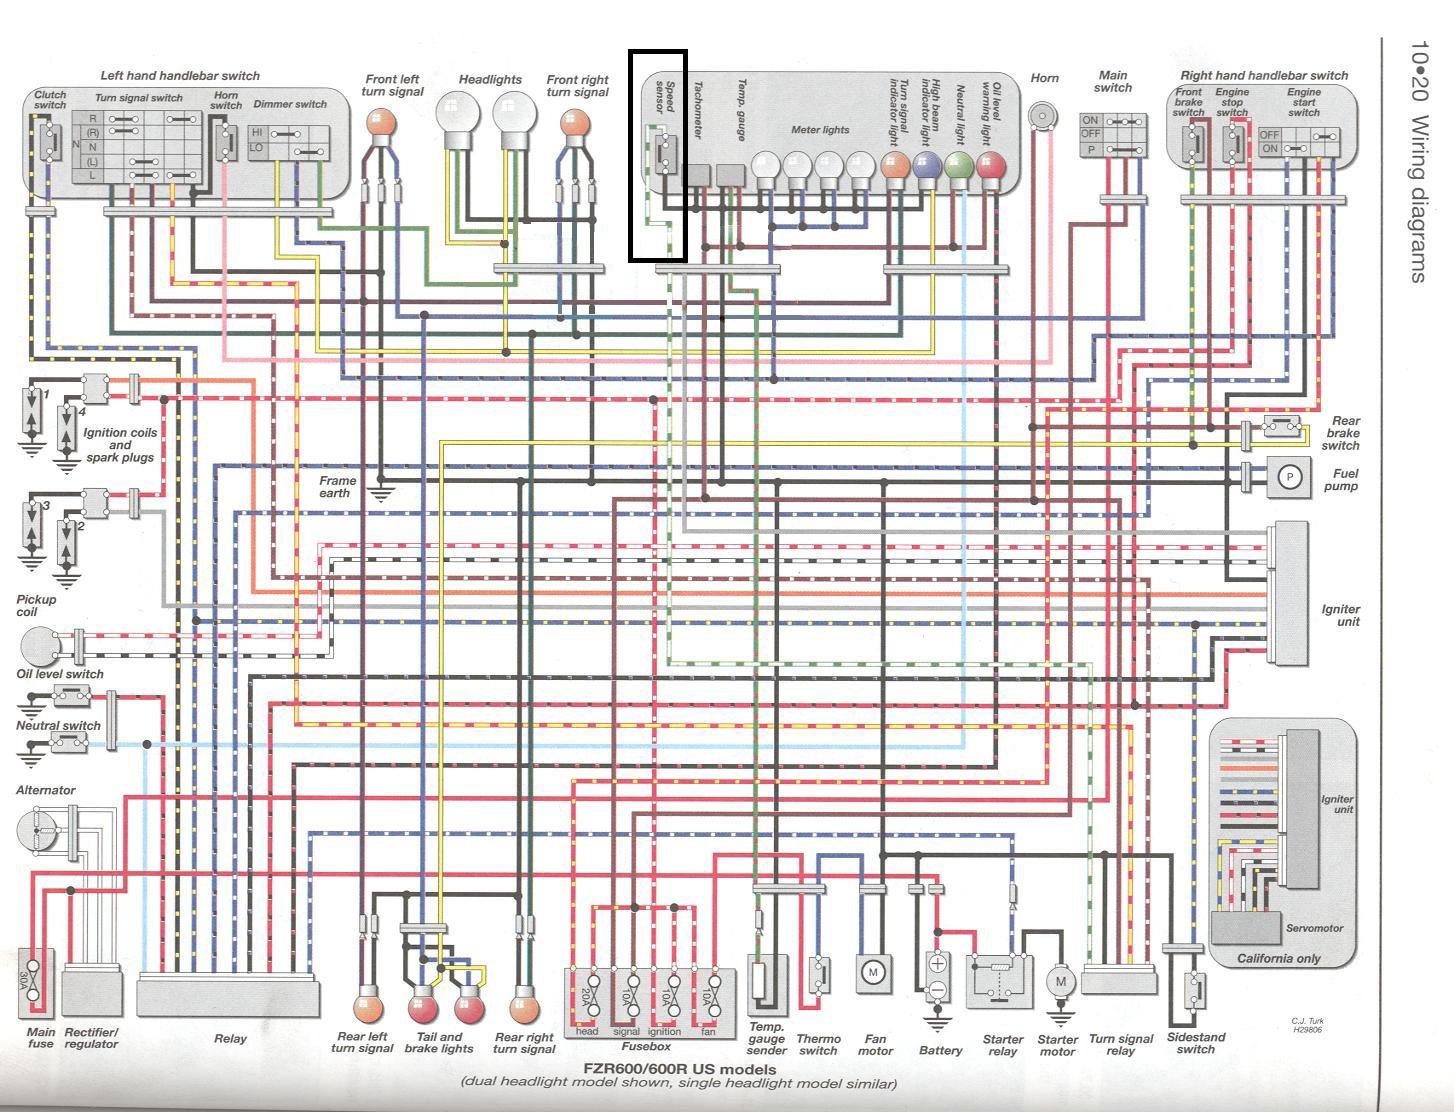 2004 gsxr 1000 wiring diagram wiring schematics diagram 2005 gsxr 750 diagram 2004 gsxr 1000 wiring diagram schematic diagrams 2005 sv650 wiring diagram 2002 gsxr 1000 wiring